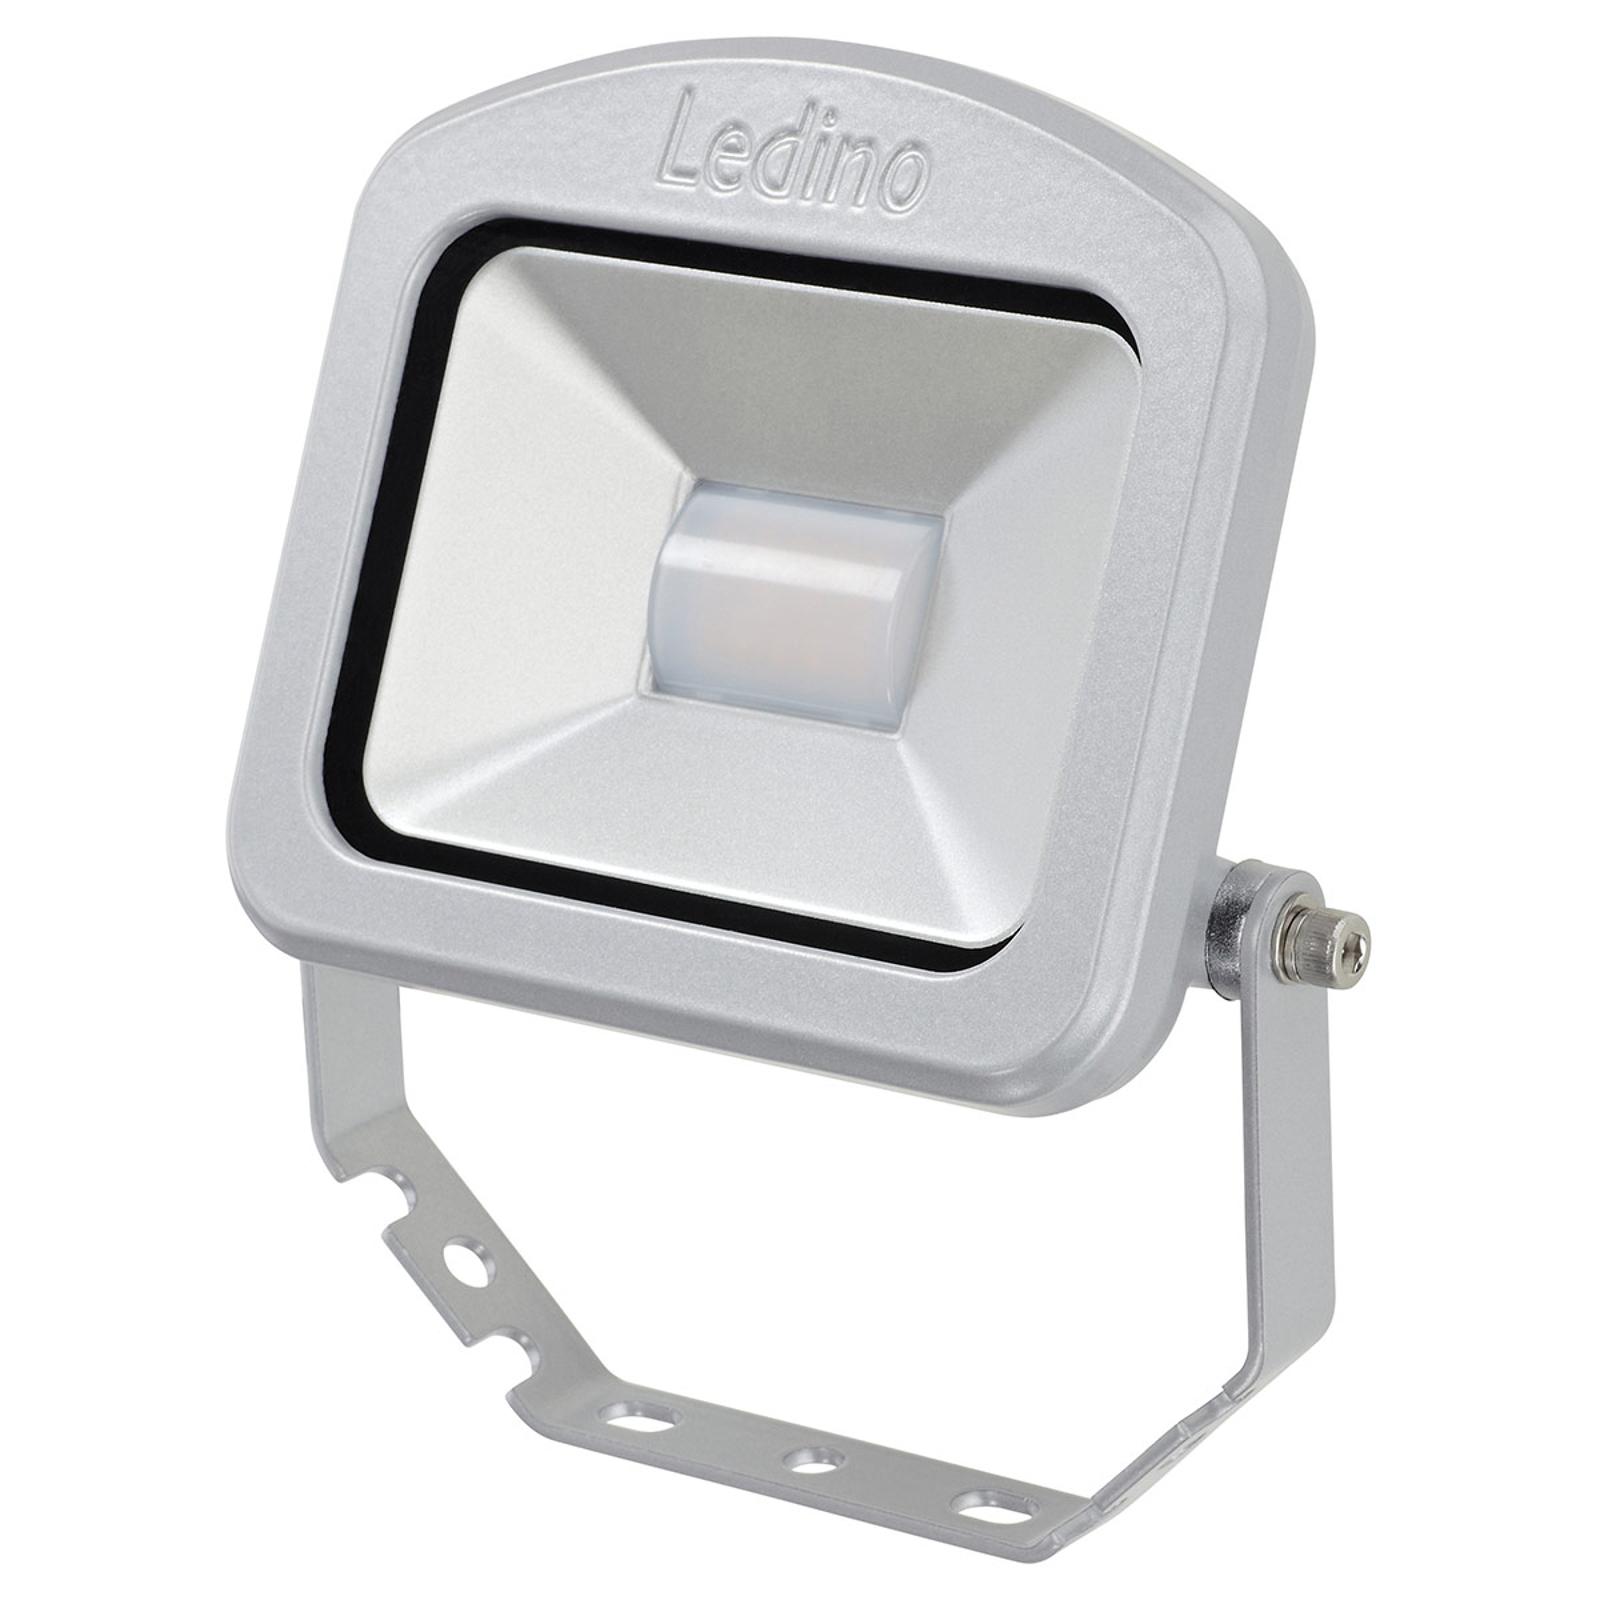 Spot LED esterni Charlottenburg argento 10W 4.000K